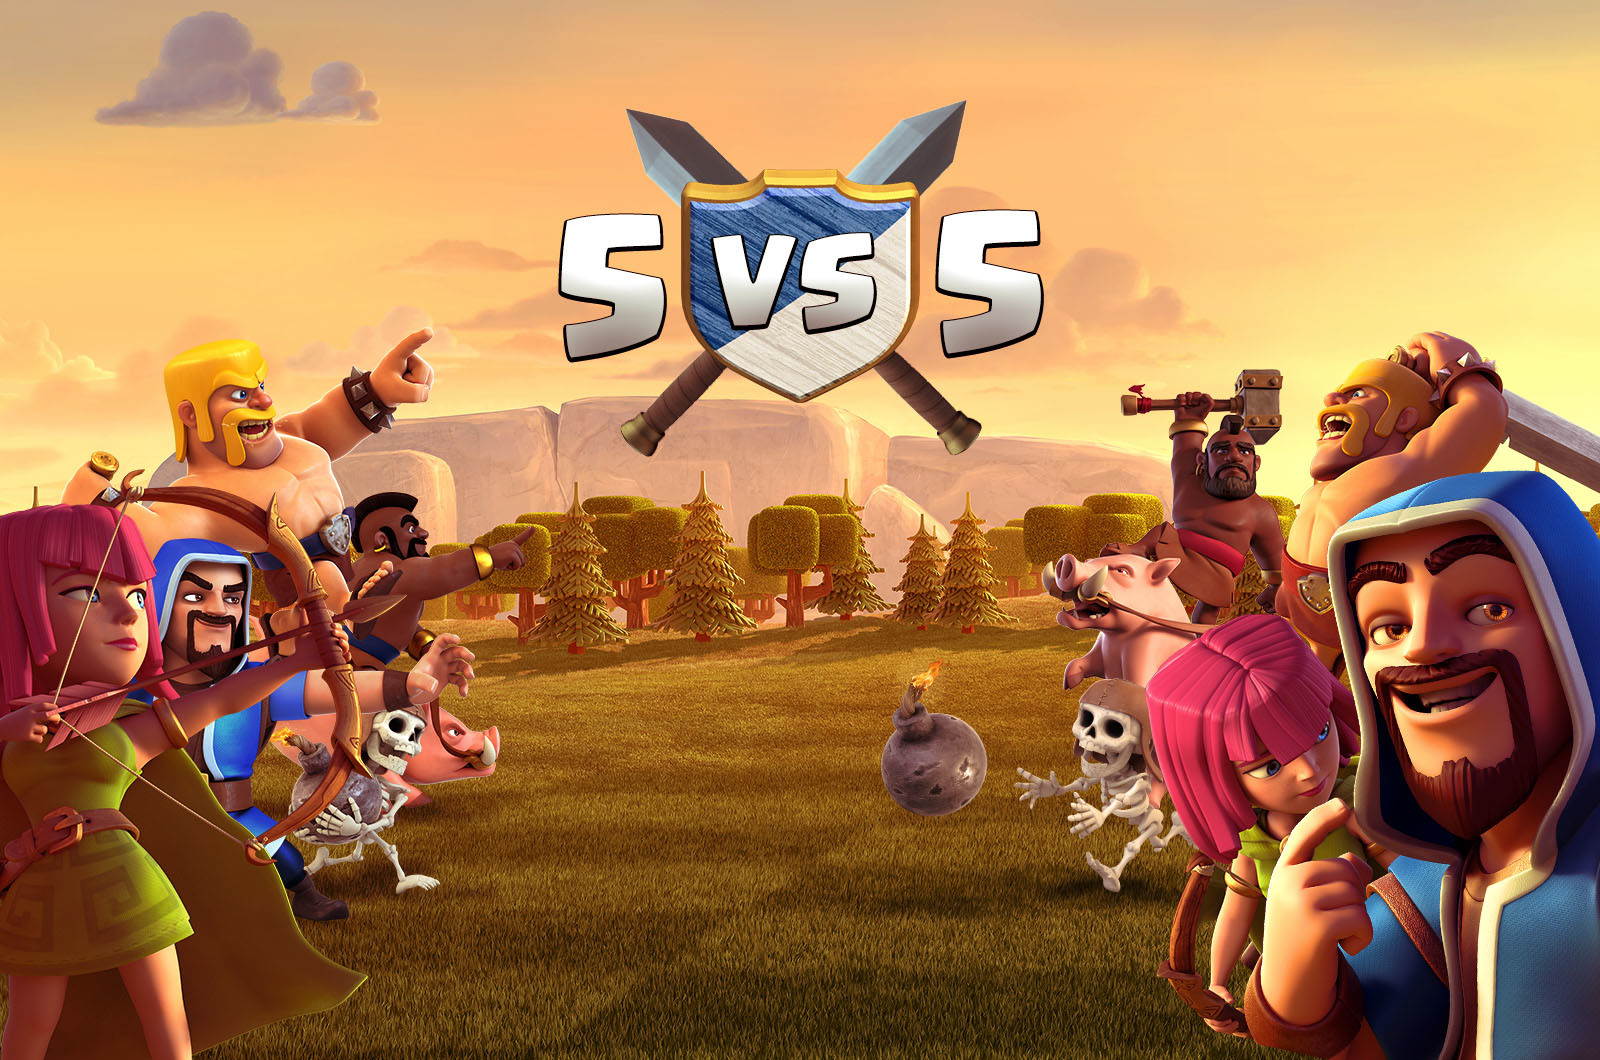 Guerras 5v5 estão chegando no Clash of Clans